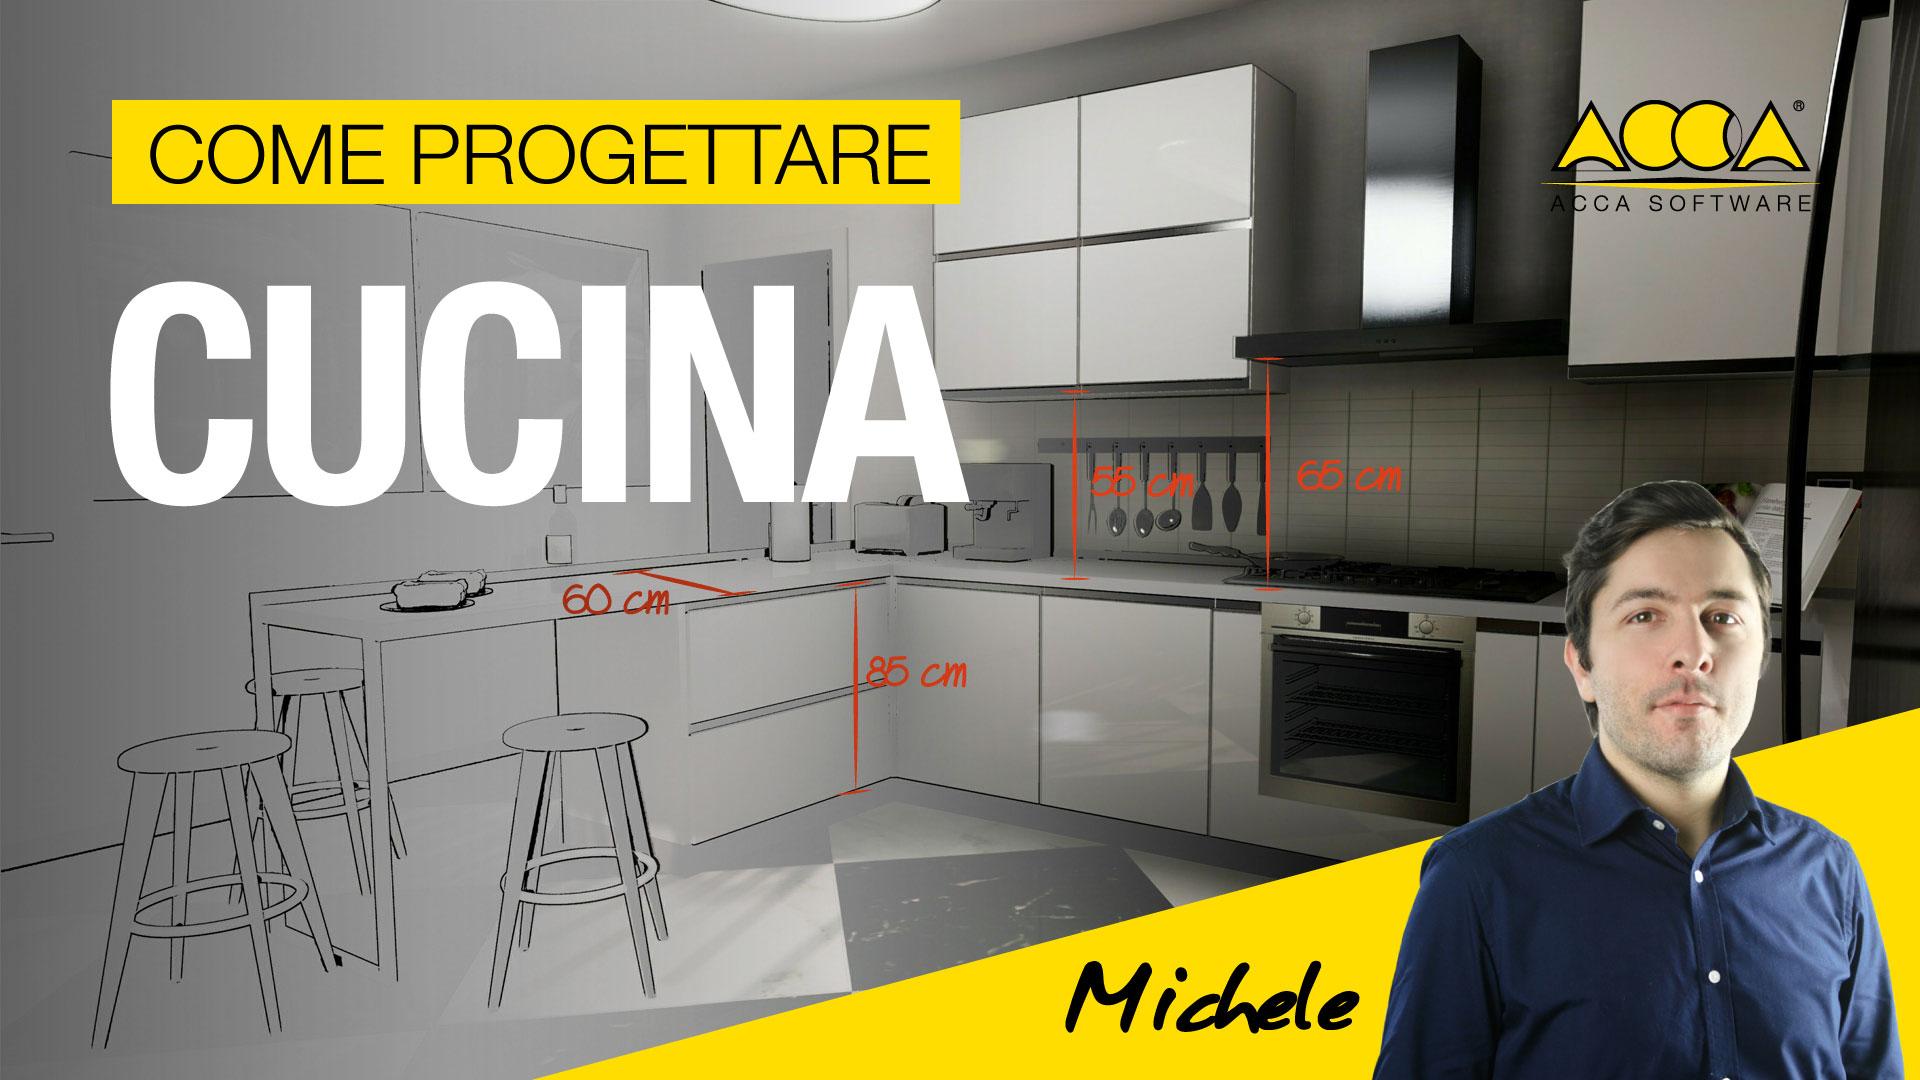 Come progettare una cucina video biblus bim for Progettare la cucina in 3d